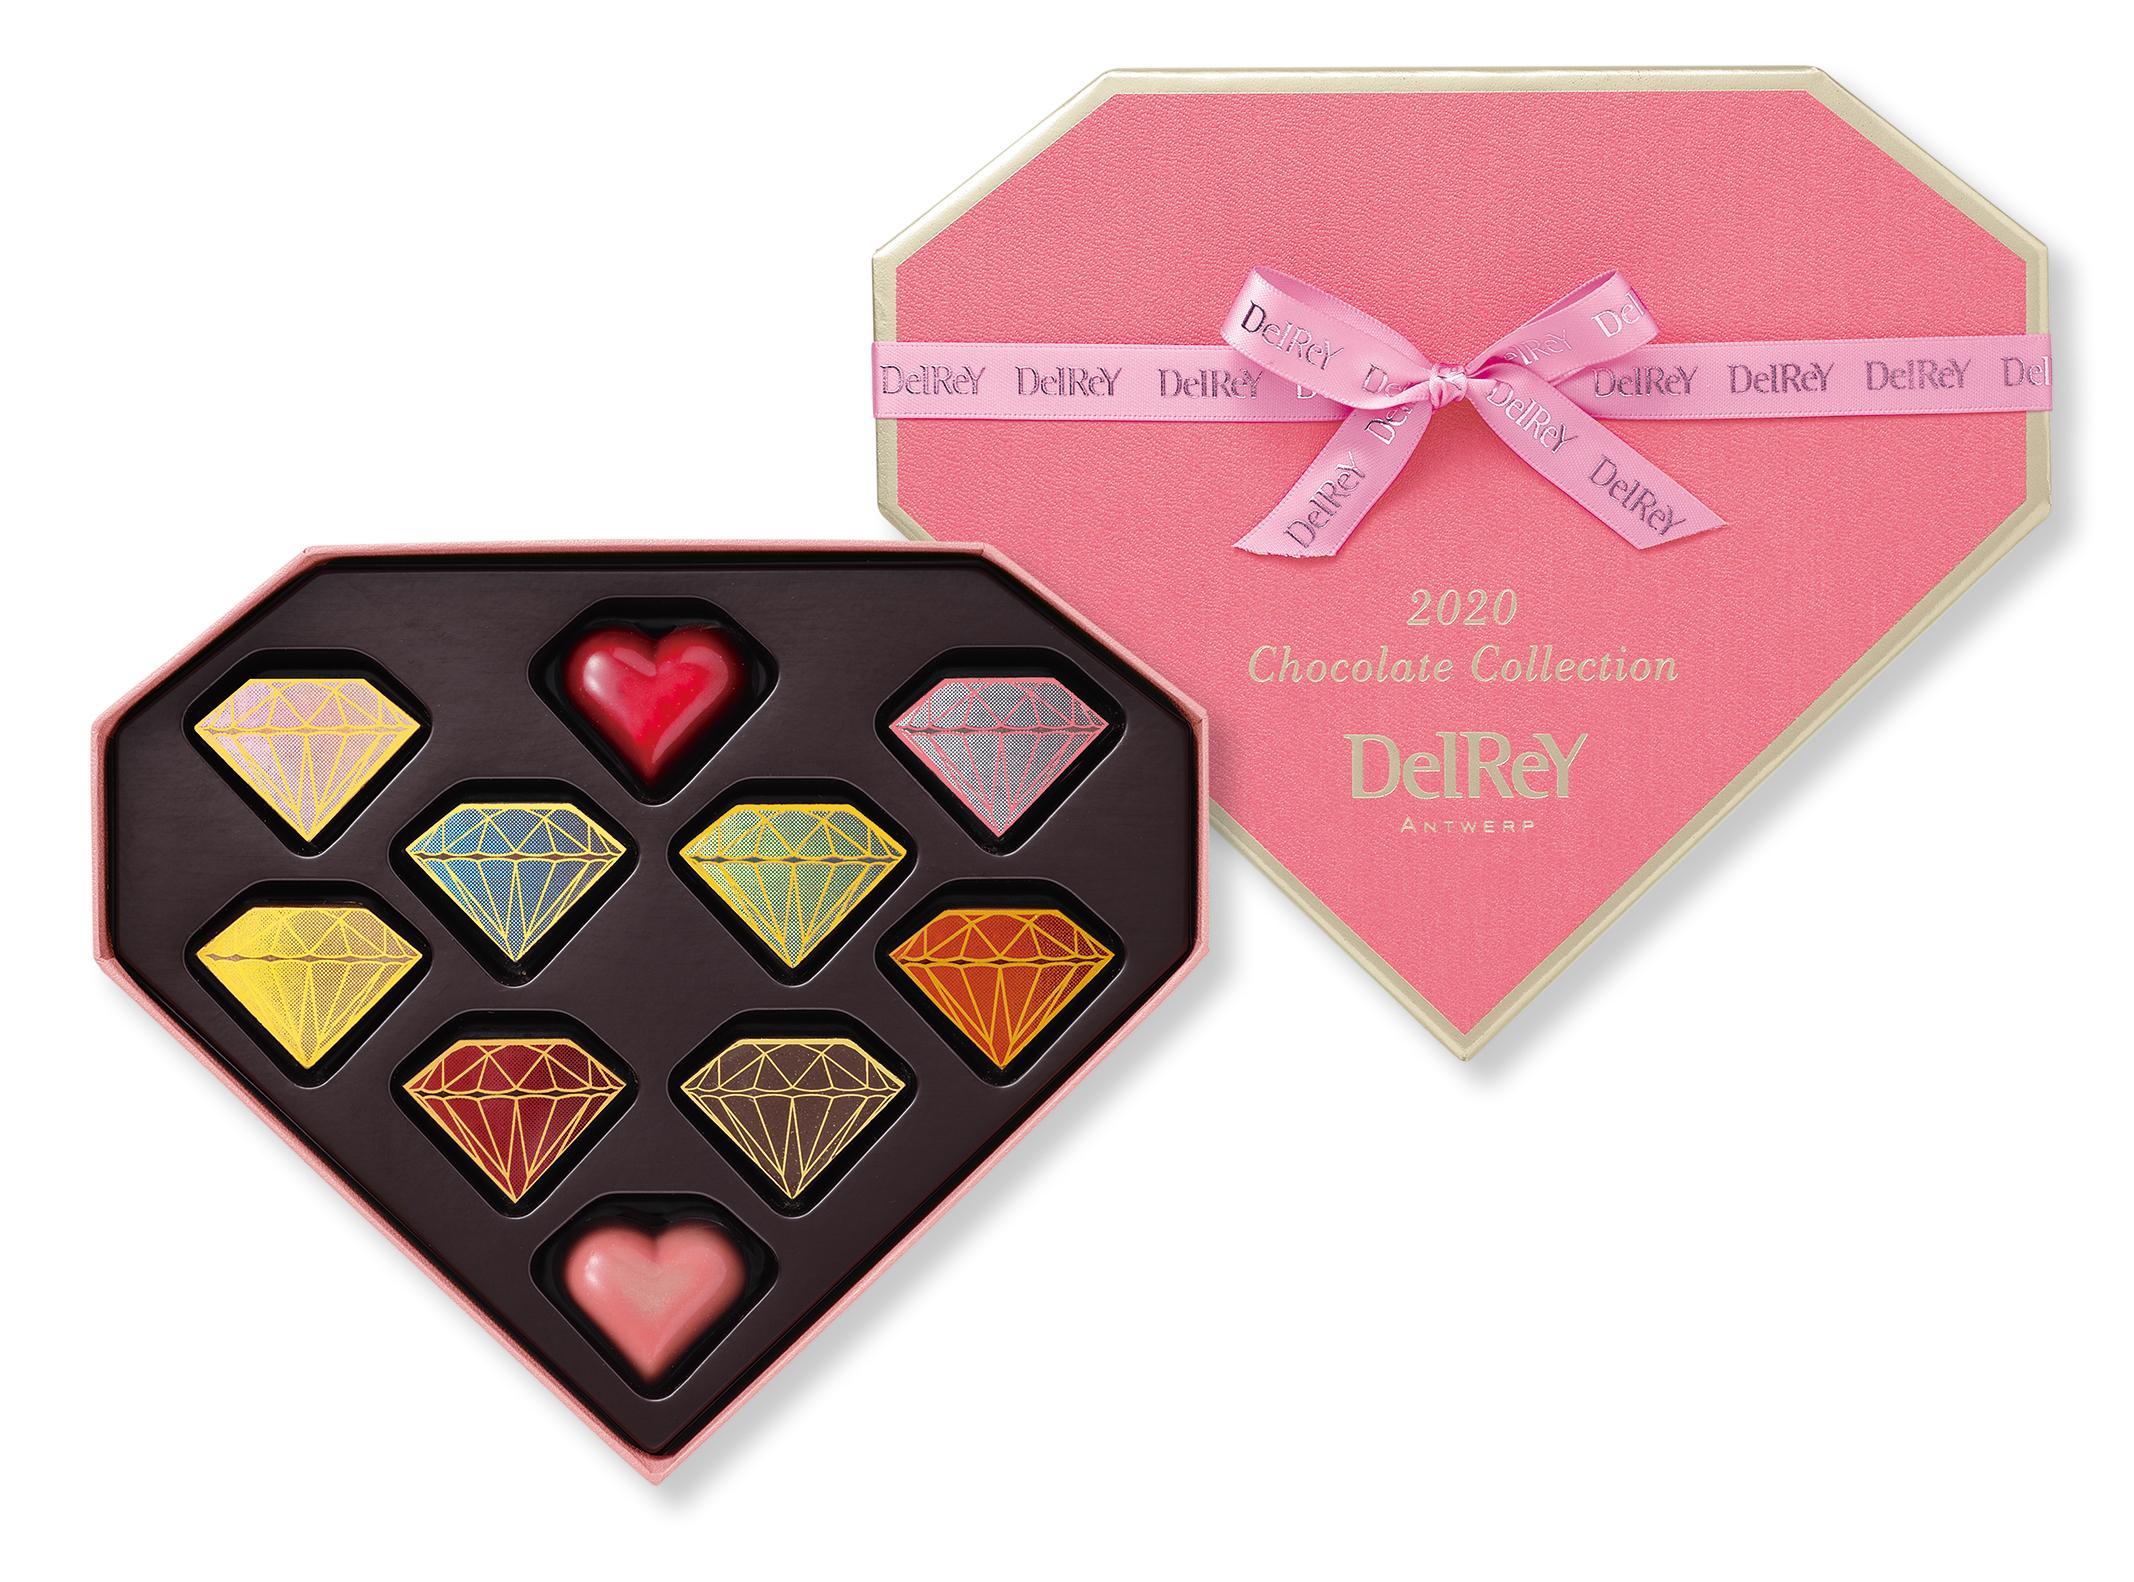 ホワイトデー期間中の2020 Chocolate Collection の販売につきまして